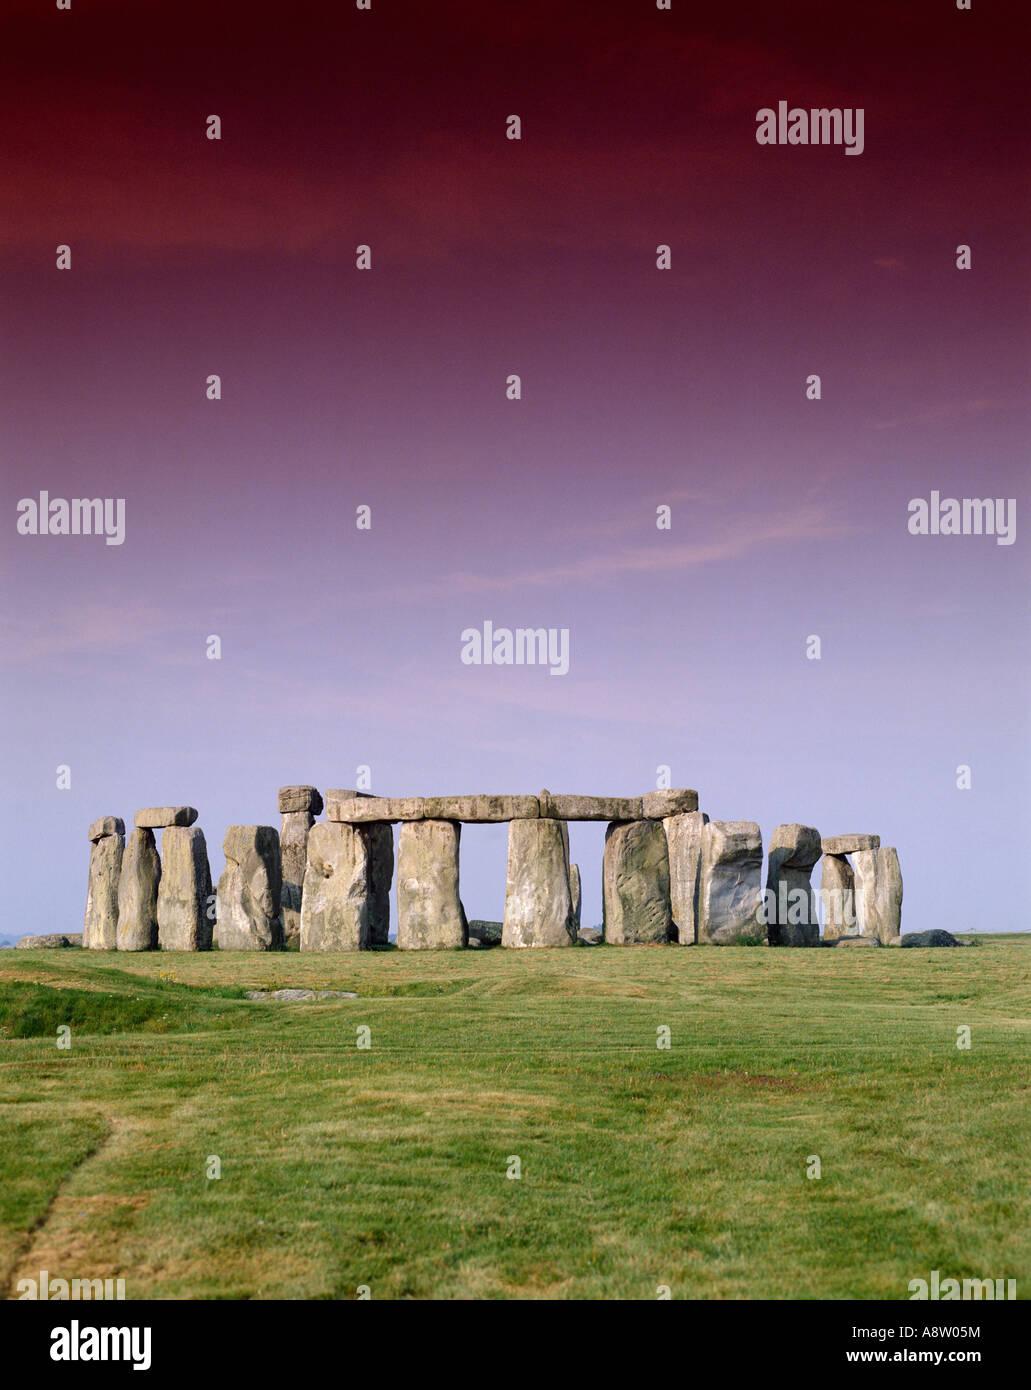 England. Wiltshire. Stonehenge prehistoric standing stones circle. Stock Photo